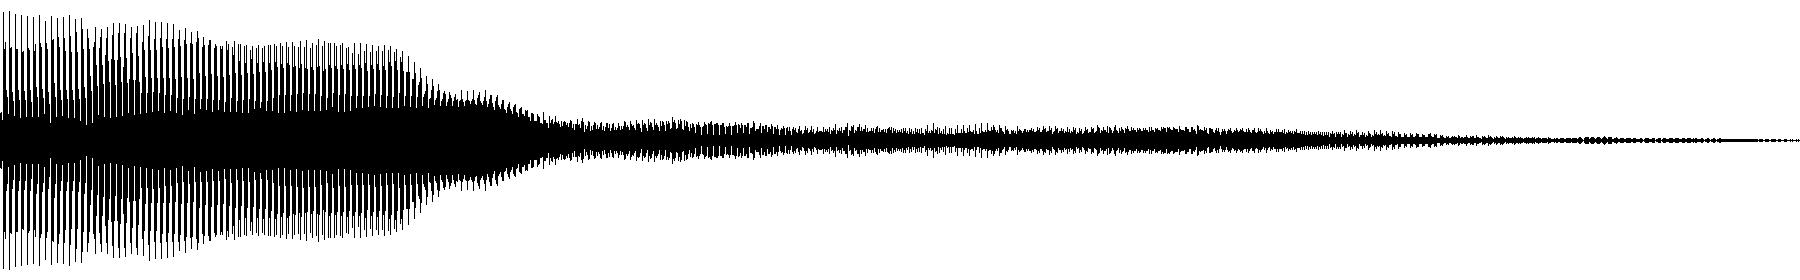 veh2 synths   096 c